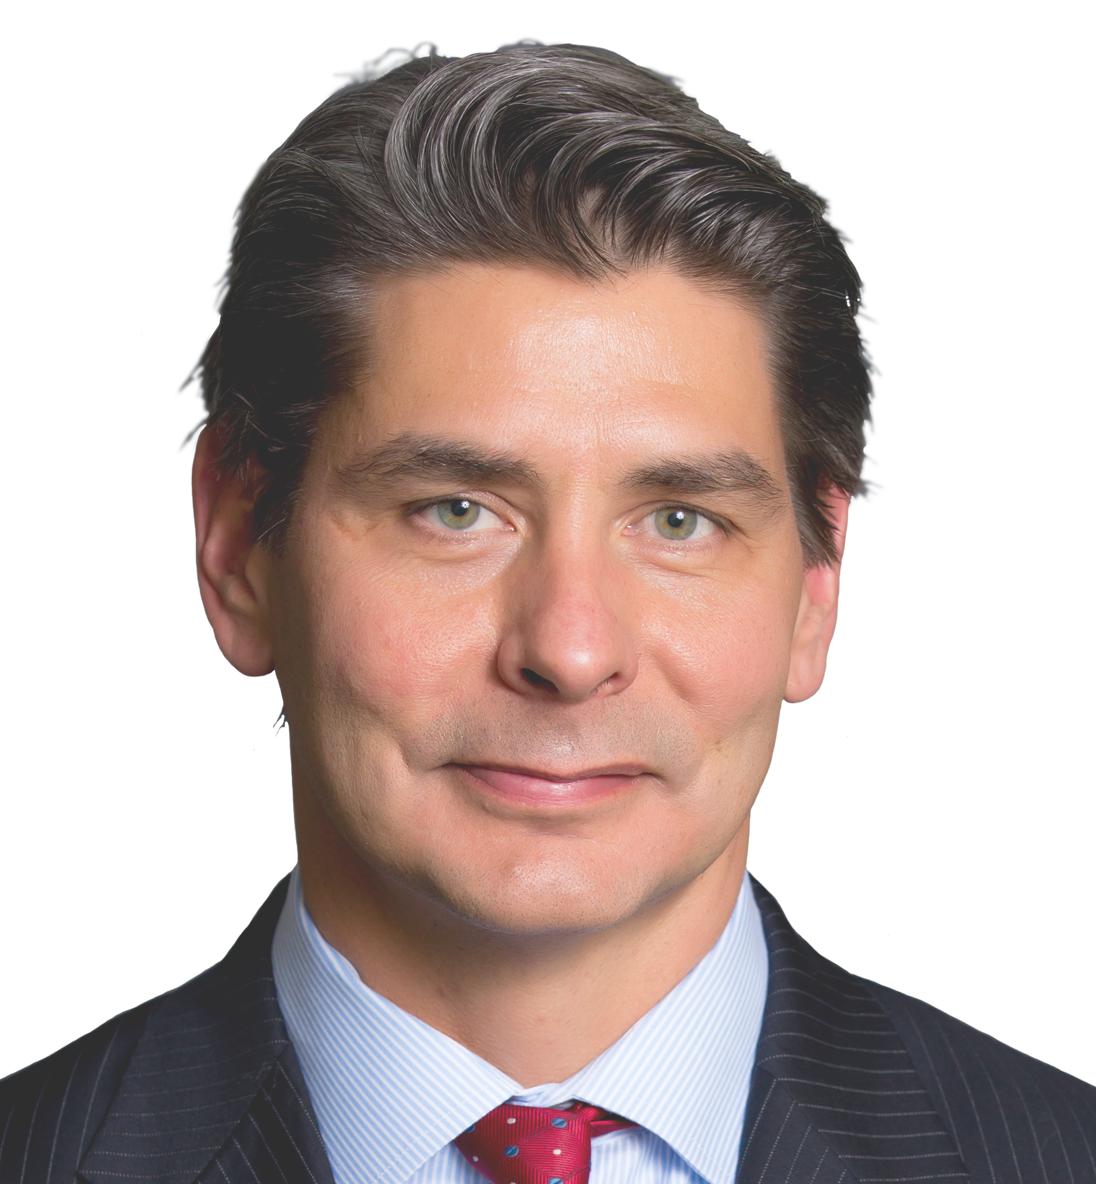 Michael Wiechart